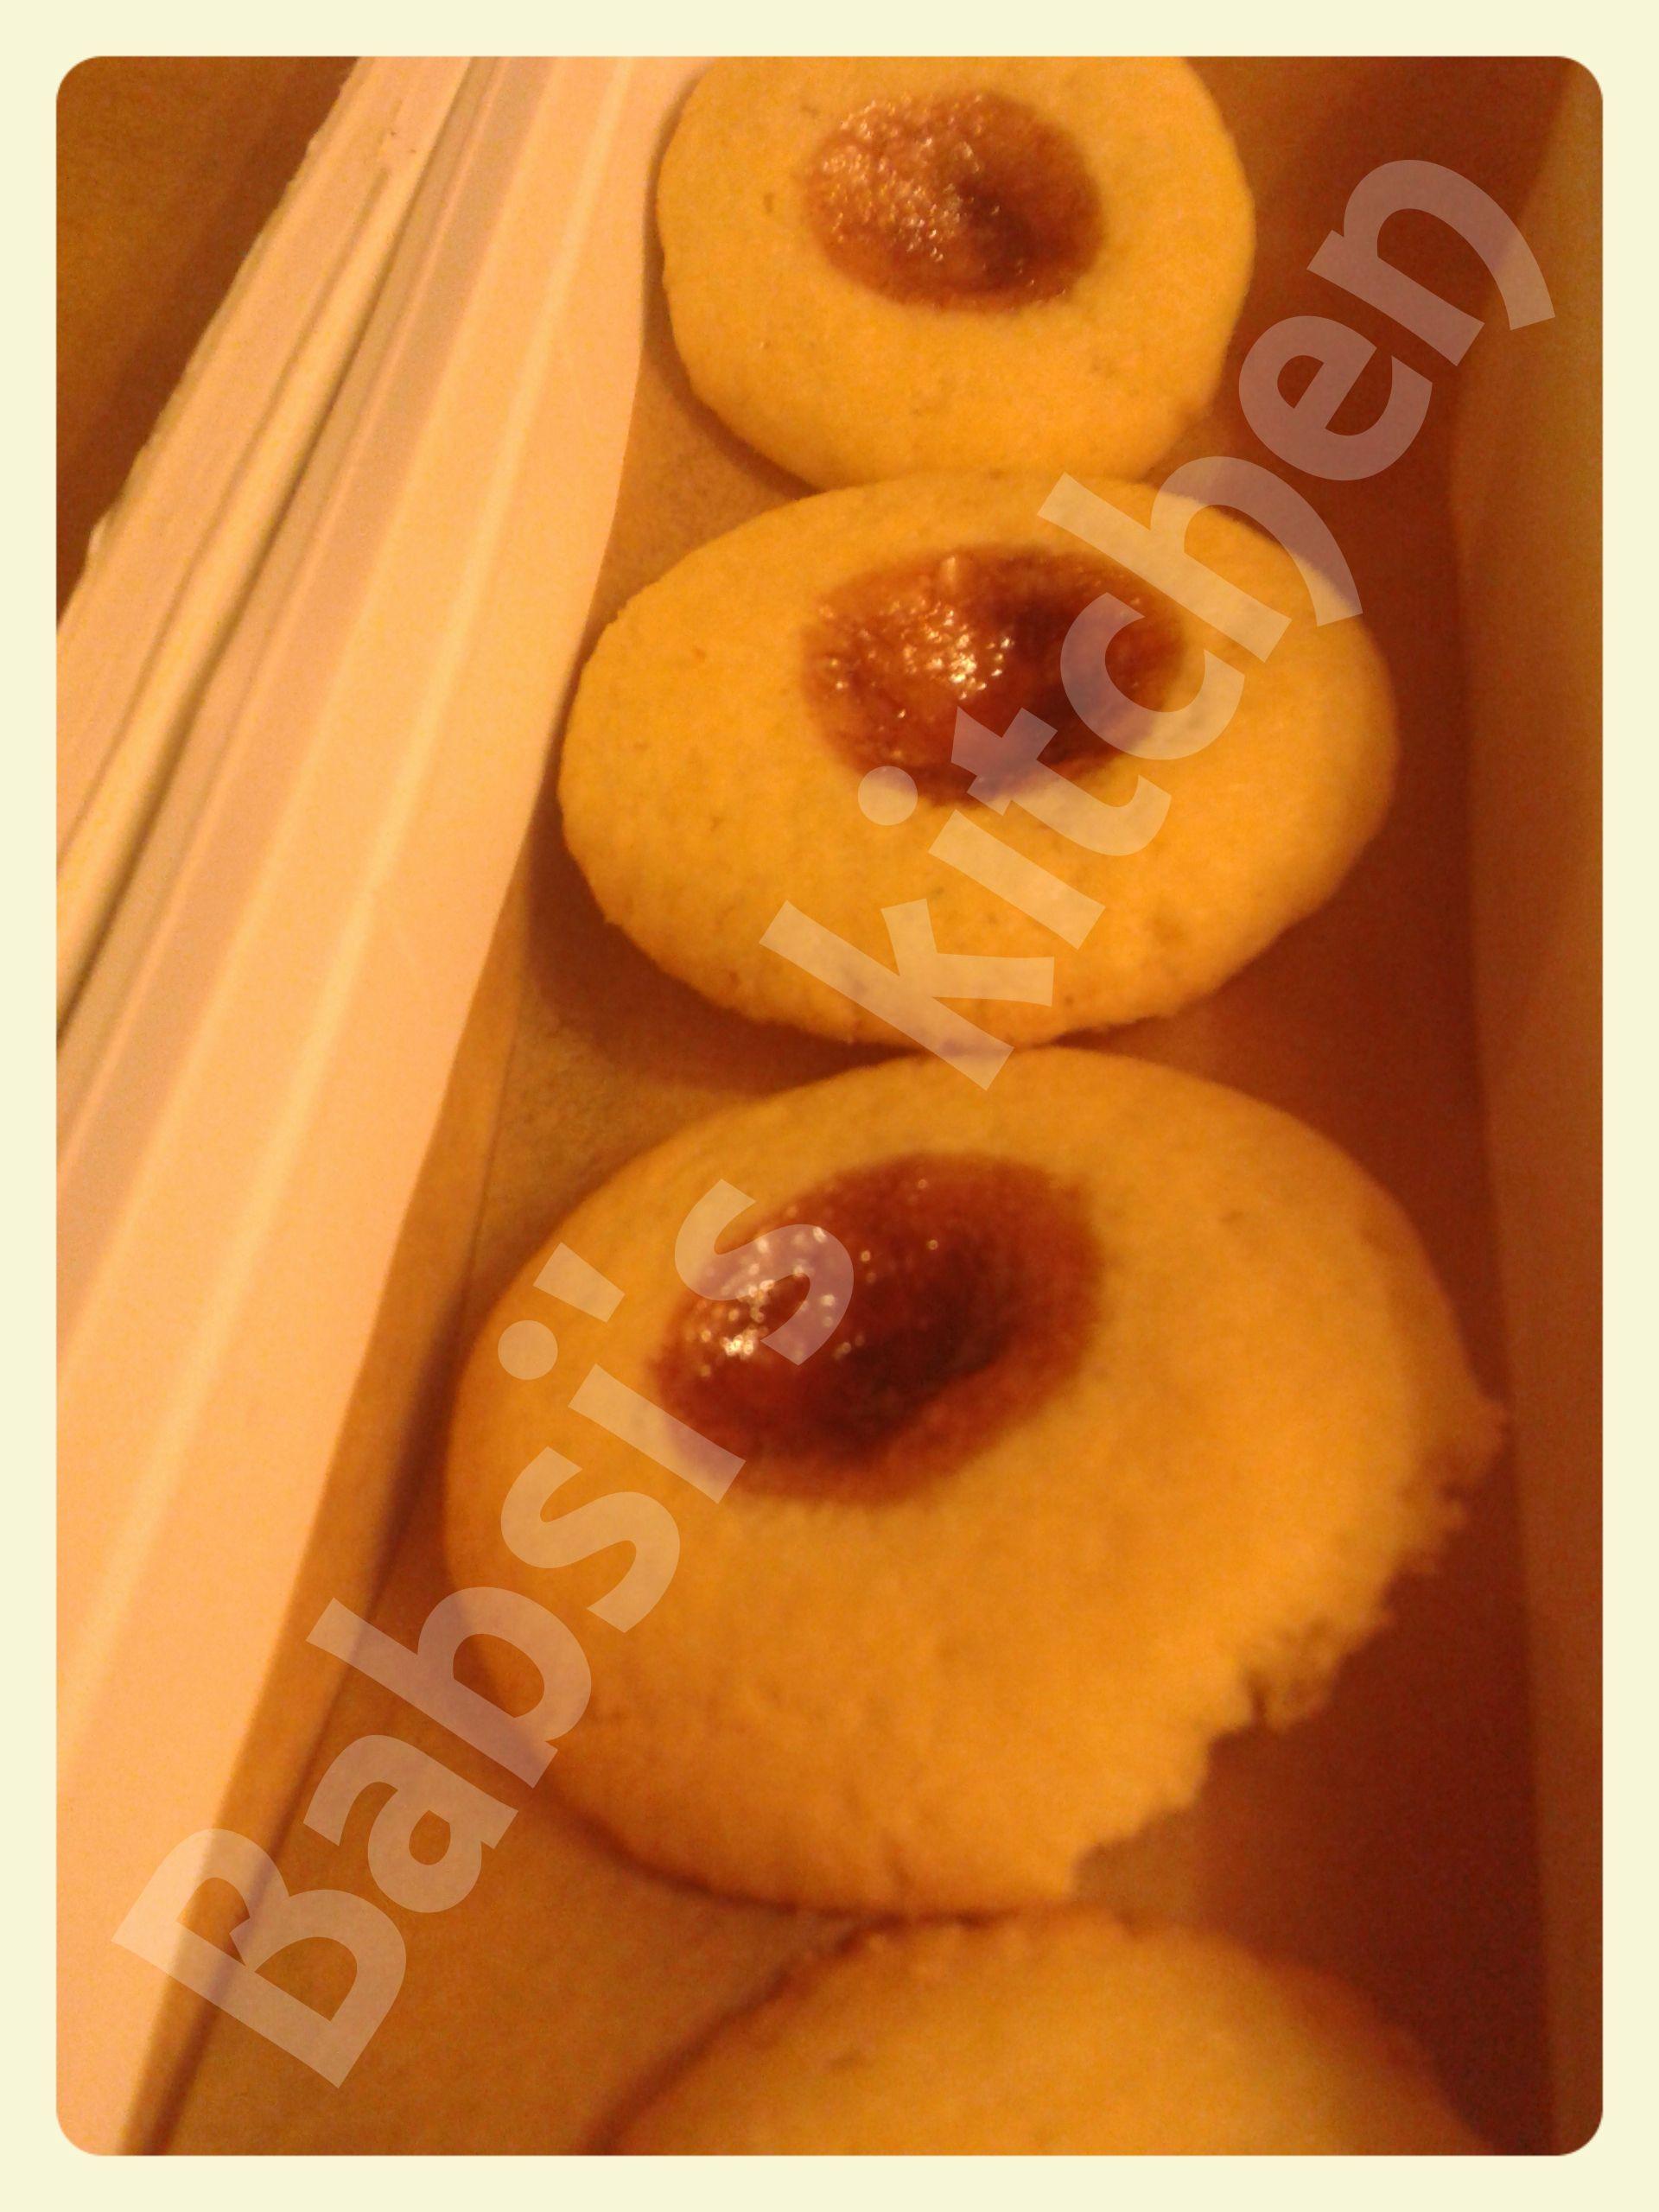 KULLERAUGEN Rezept: http://babsiskitchen-foodblog.blogspot.de/2015/12/kulleraugen.html